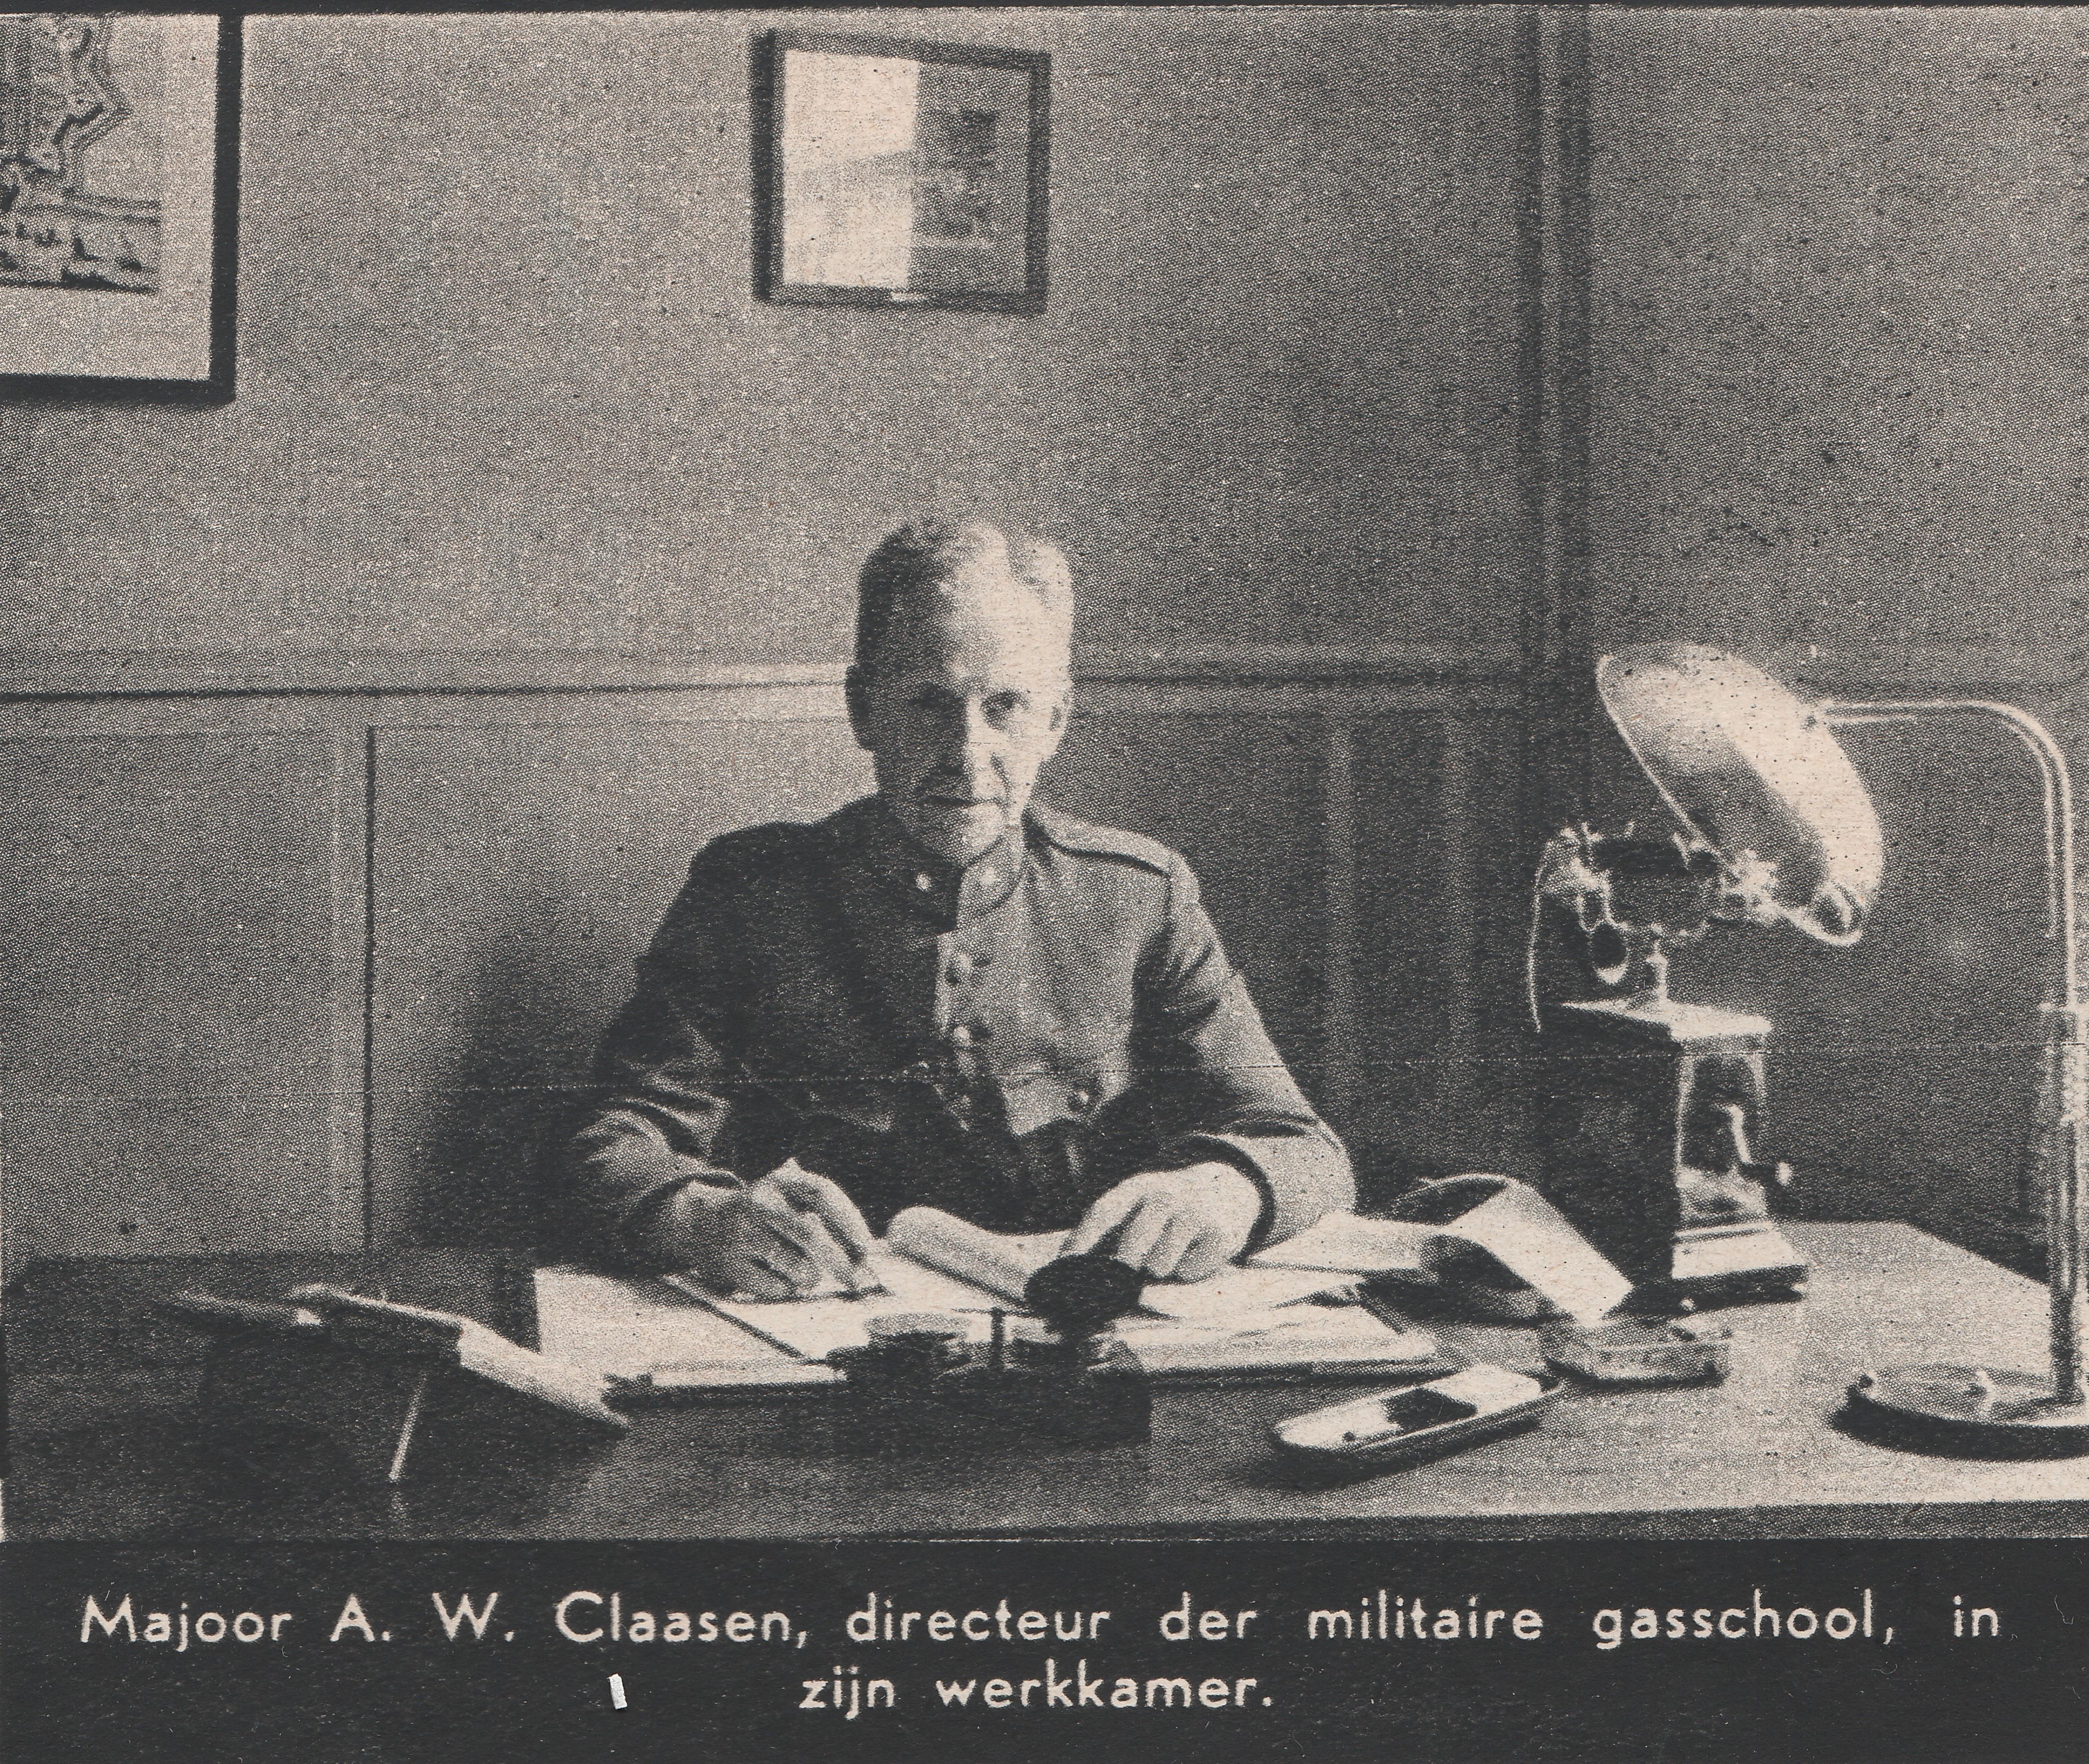 gorinchem-1939-militaire-gasschool-majoor-a-w-claassen-in-zijn-werkkamer-directeur-militaire-gasschool